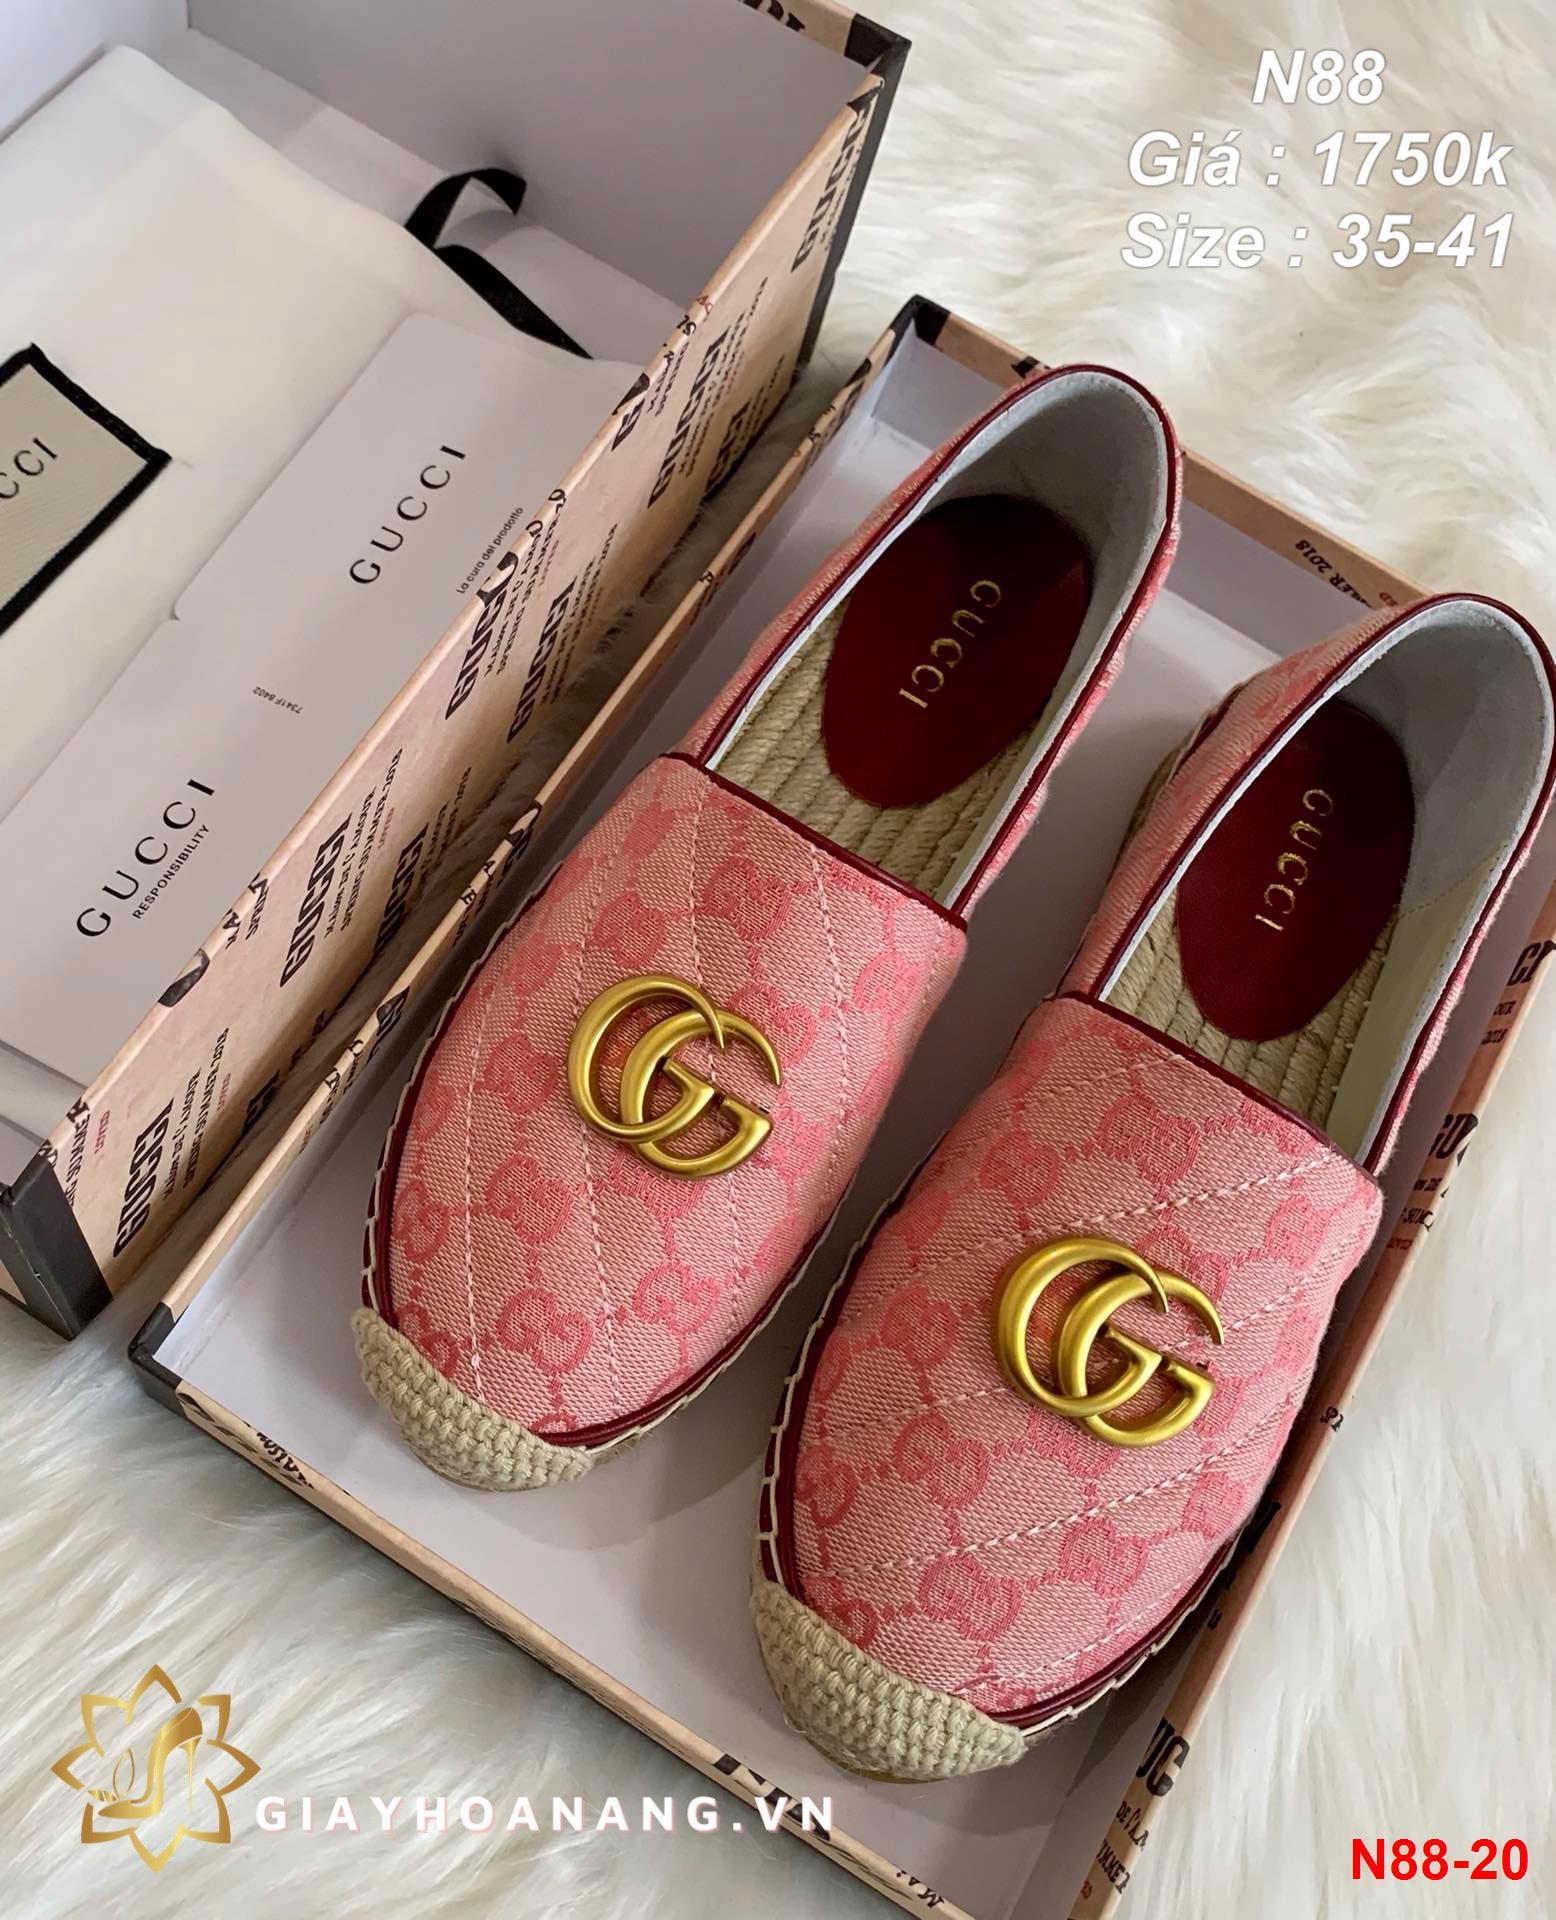 N88-20 Gucci giày lười siêu cấp